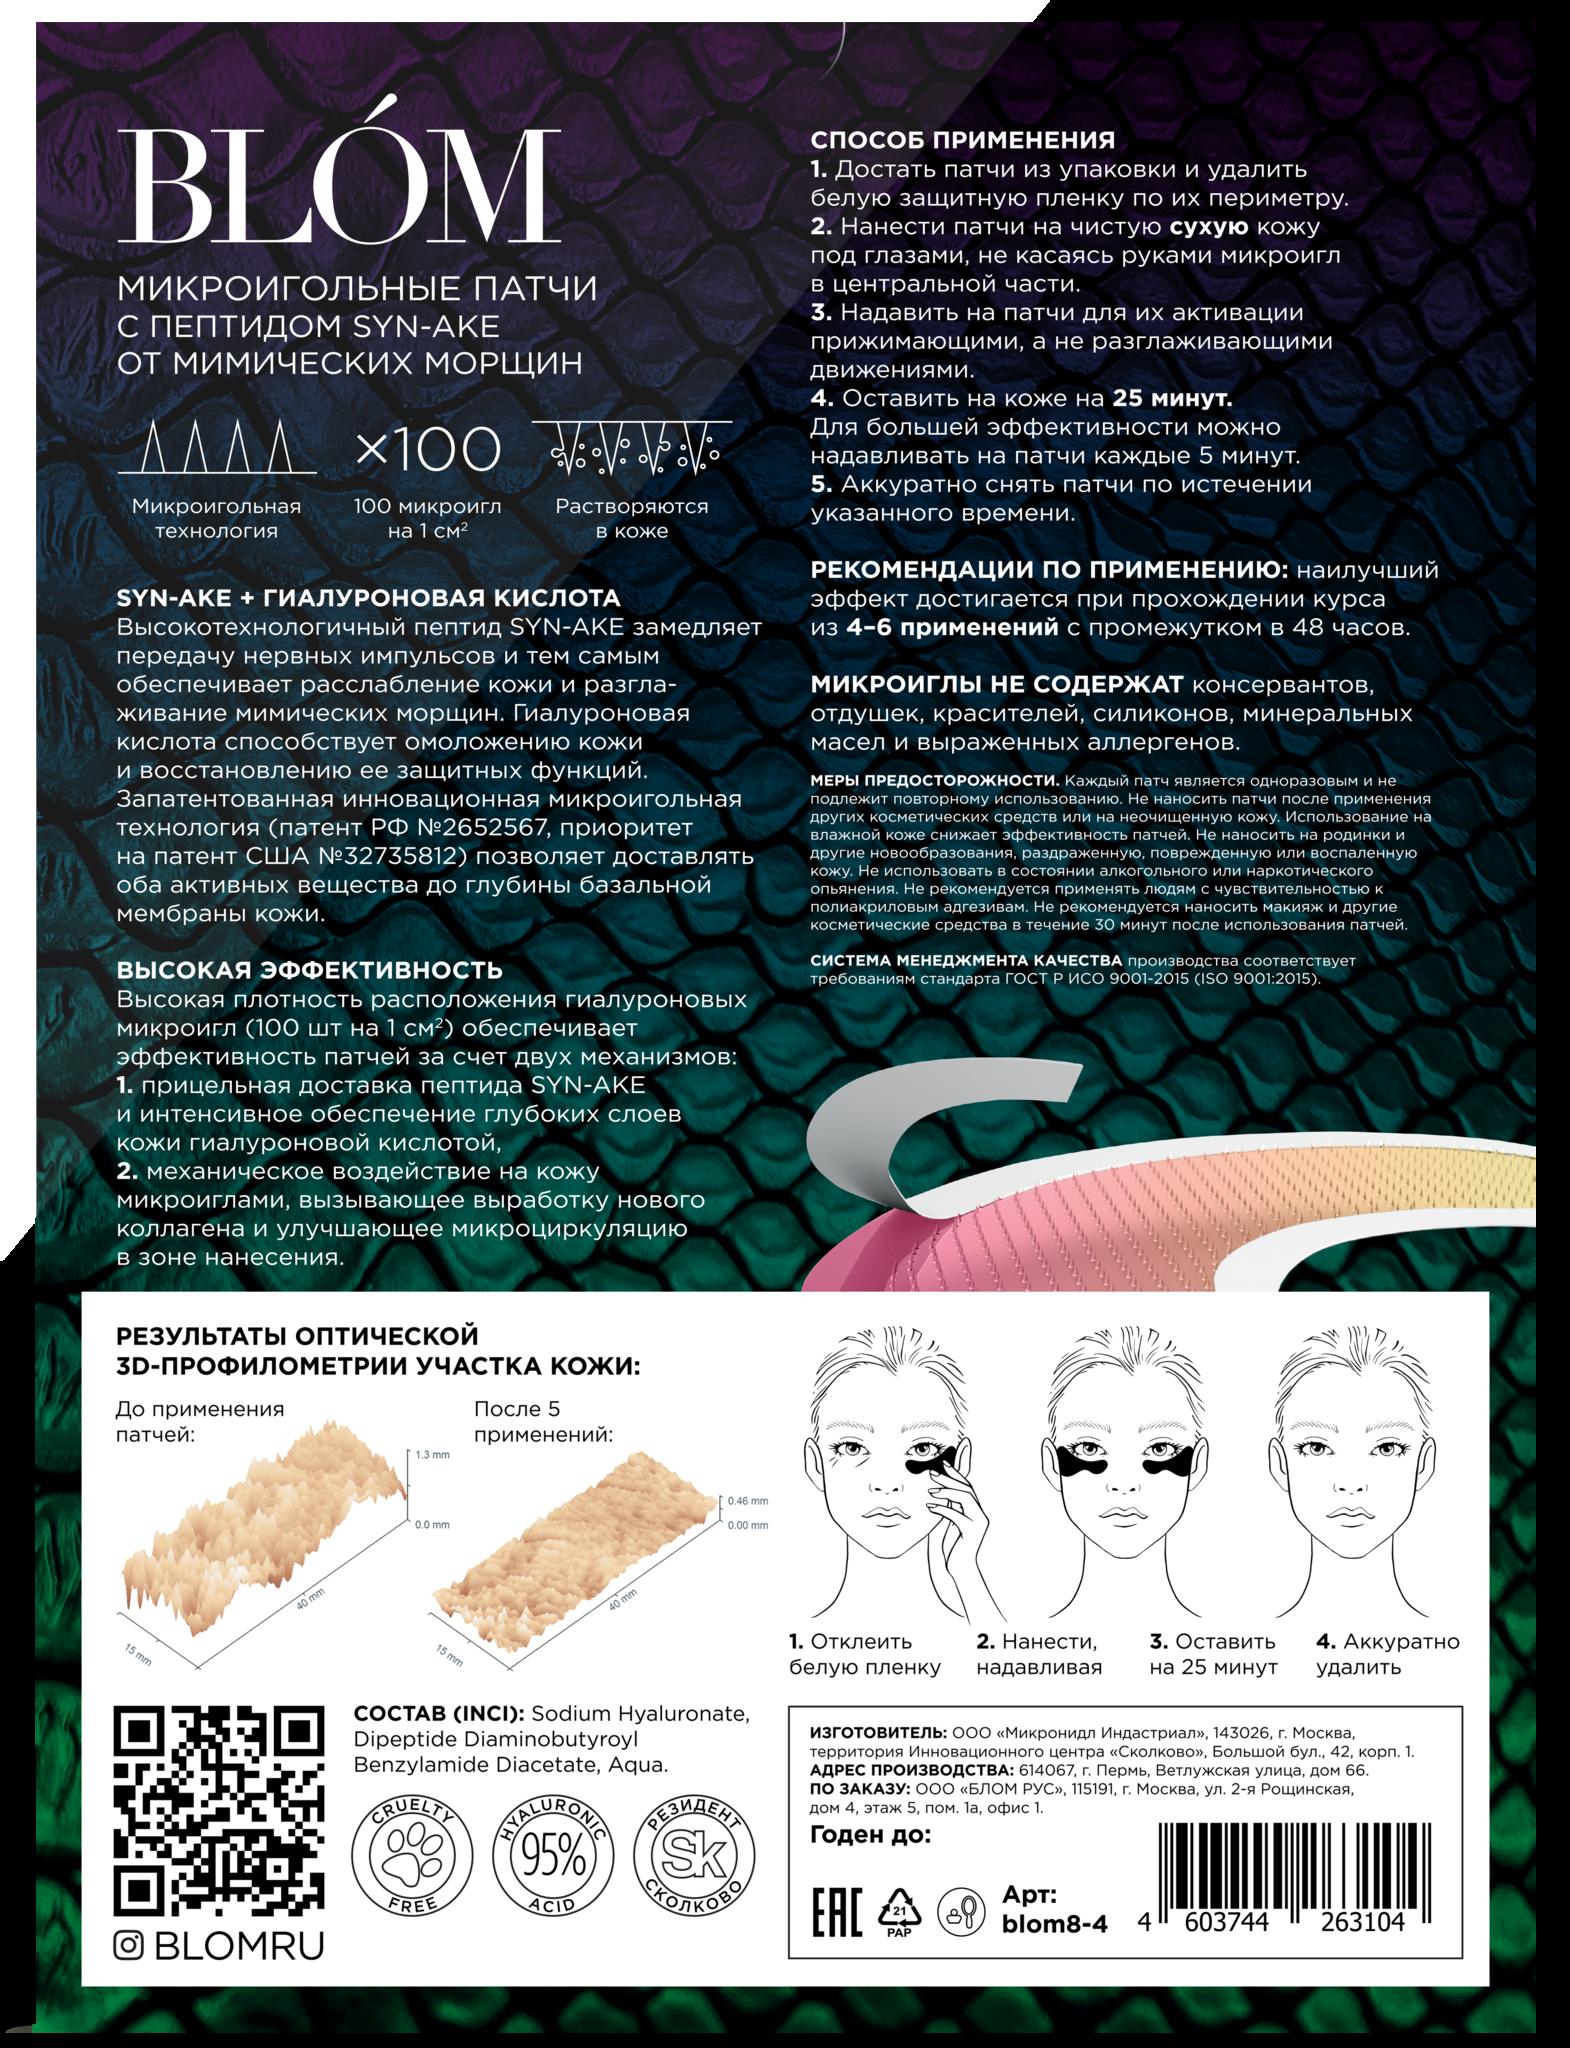 Голографические микроигольные патчи BLÓM «SYN-AKE + Гиалуроновая кислота» от мимических морщин 4 пары